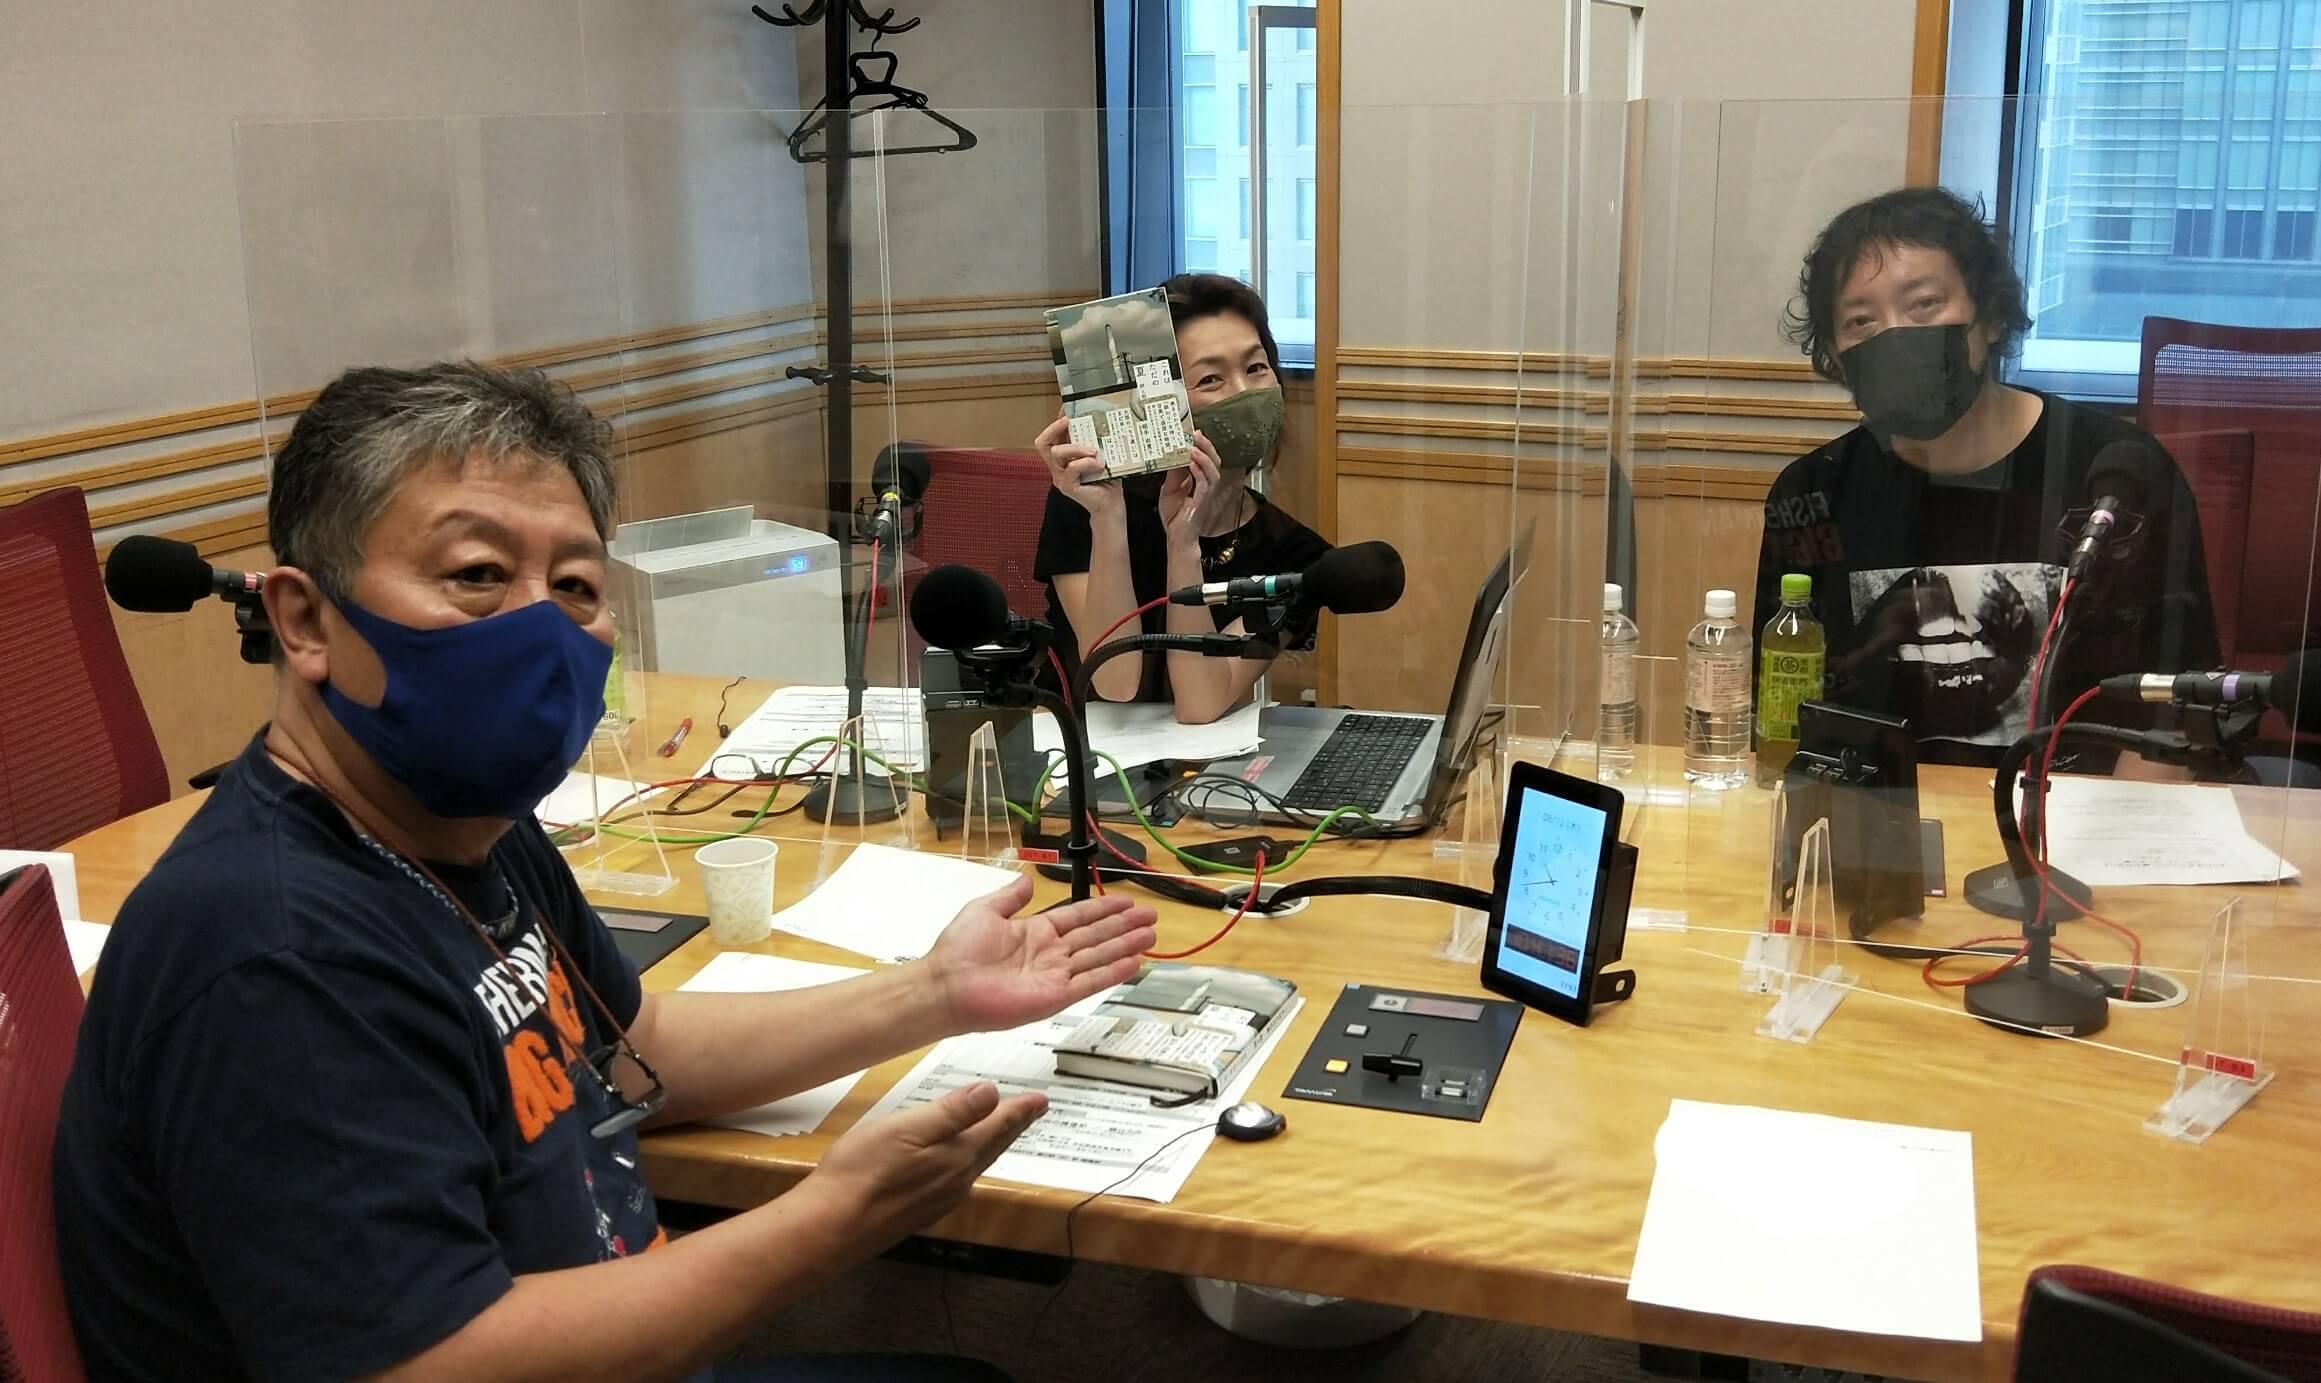 『くにまるジャパン極・極シアター』8月12日(木)のお客様:燃え殻さん、白崎映美さん